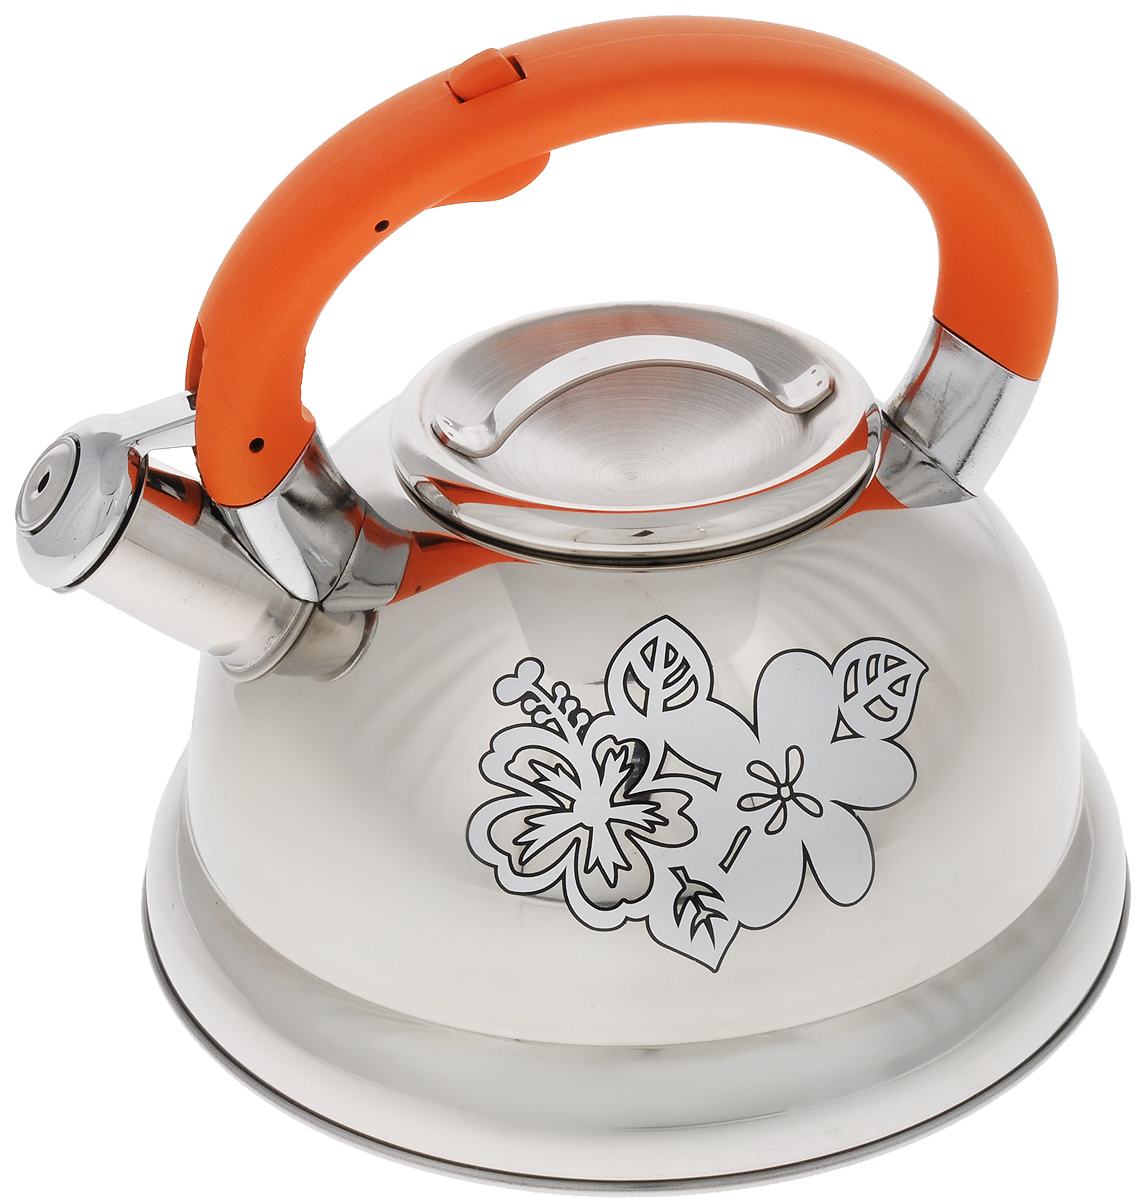 Чайник Mayer & Boch, со свистком, 2,6 л. 2278922789Чайник Mayer & Boch выполнен из высококачественной нержавеющей стали. Носик чайникаоснащен насадкой-свистком, что позволит вам контролировать процесс подогрева или кипячения воды. Ручка из бакелита делает использование чайника очень удобным и безопасным. Эстетичный и функциональный чайник будет оригинально смотреться в любом интерьере..Подходит для газовых, электрических, стеклокерамических и индукционных плит. Можно мыть впосудомоечной машине. Диаметр чайника (по верхнему краю): 10 см.Диаметр основания: 22 см. Высота чайника (без учета ручки): 11,5 см.Высота чайника (с учетом ручки): 20,5 см.